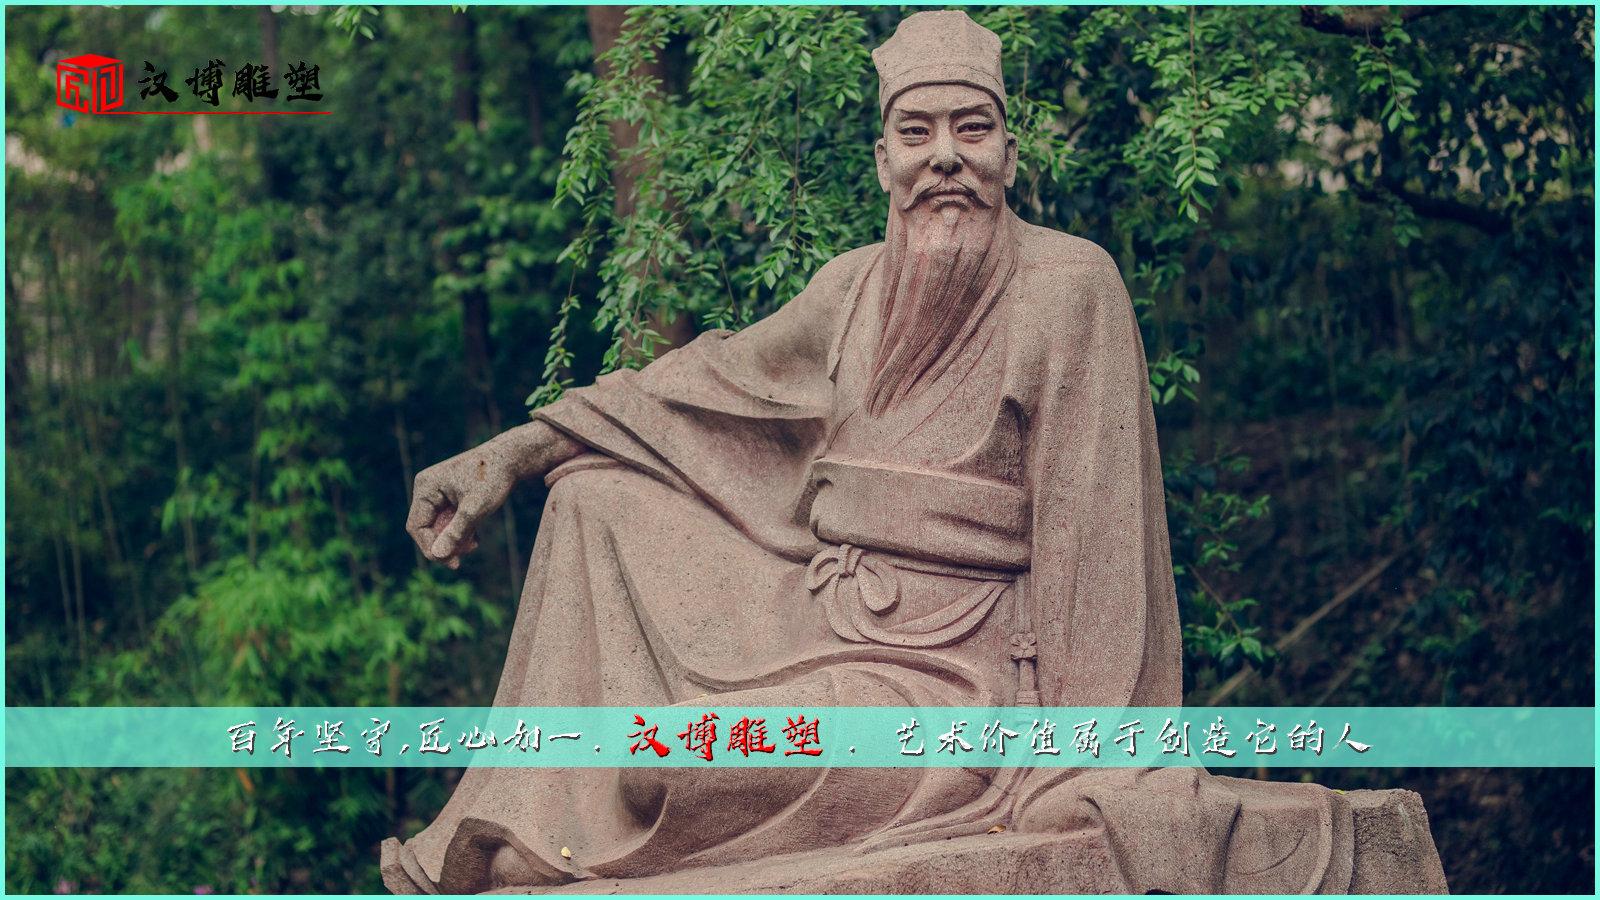 用雕塑讲解东坡先生的生活;感受历史文化气息